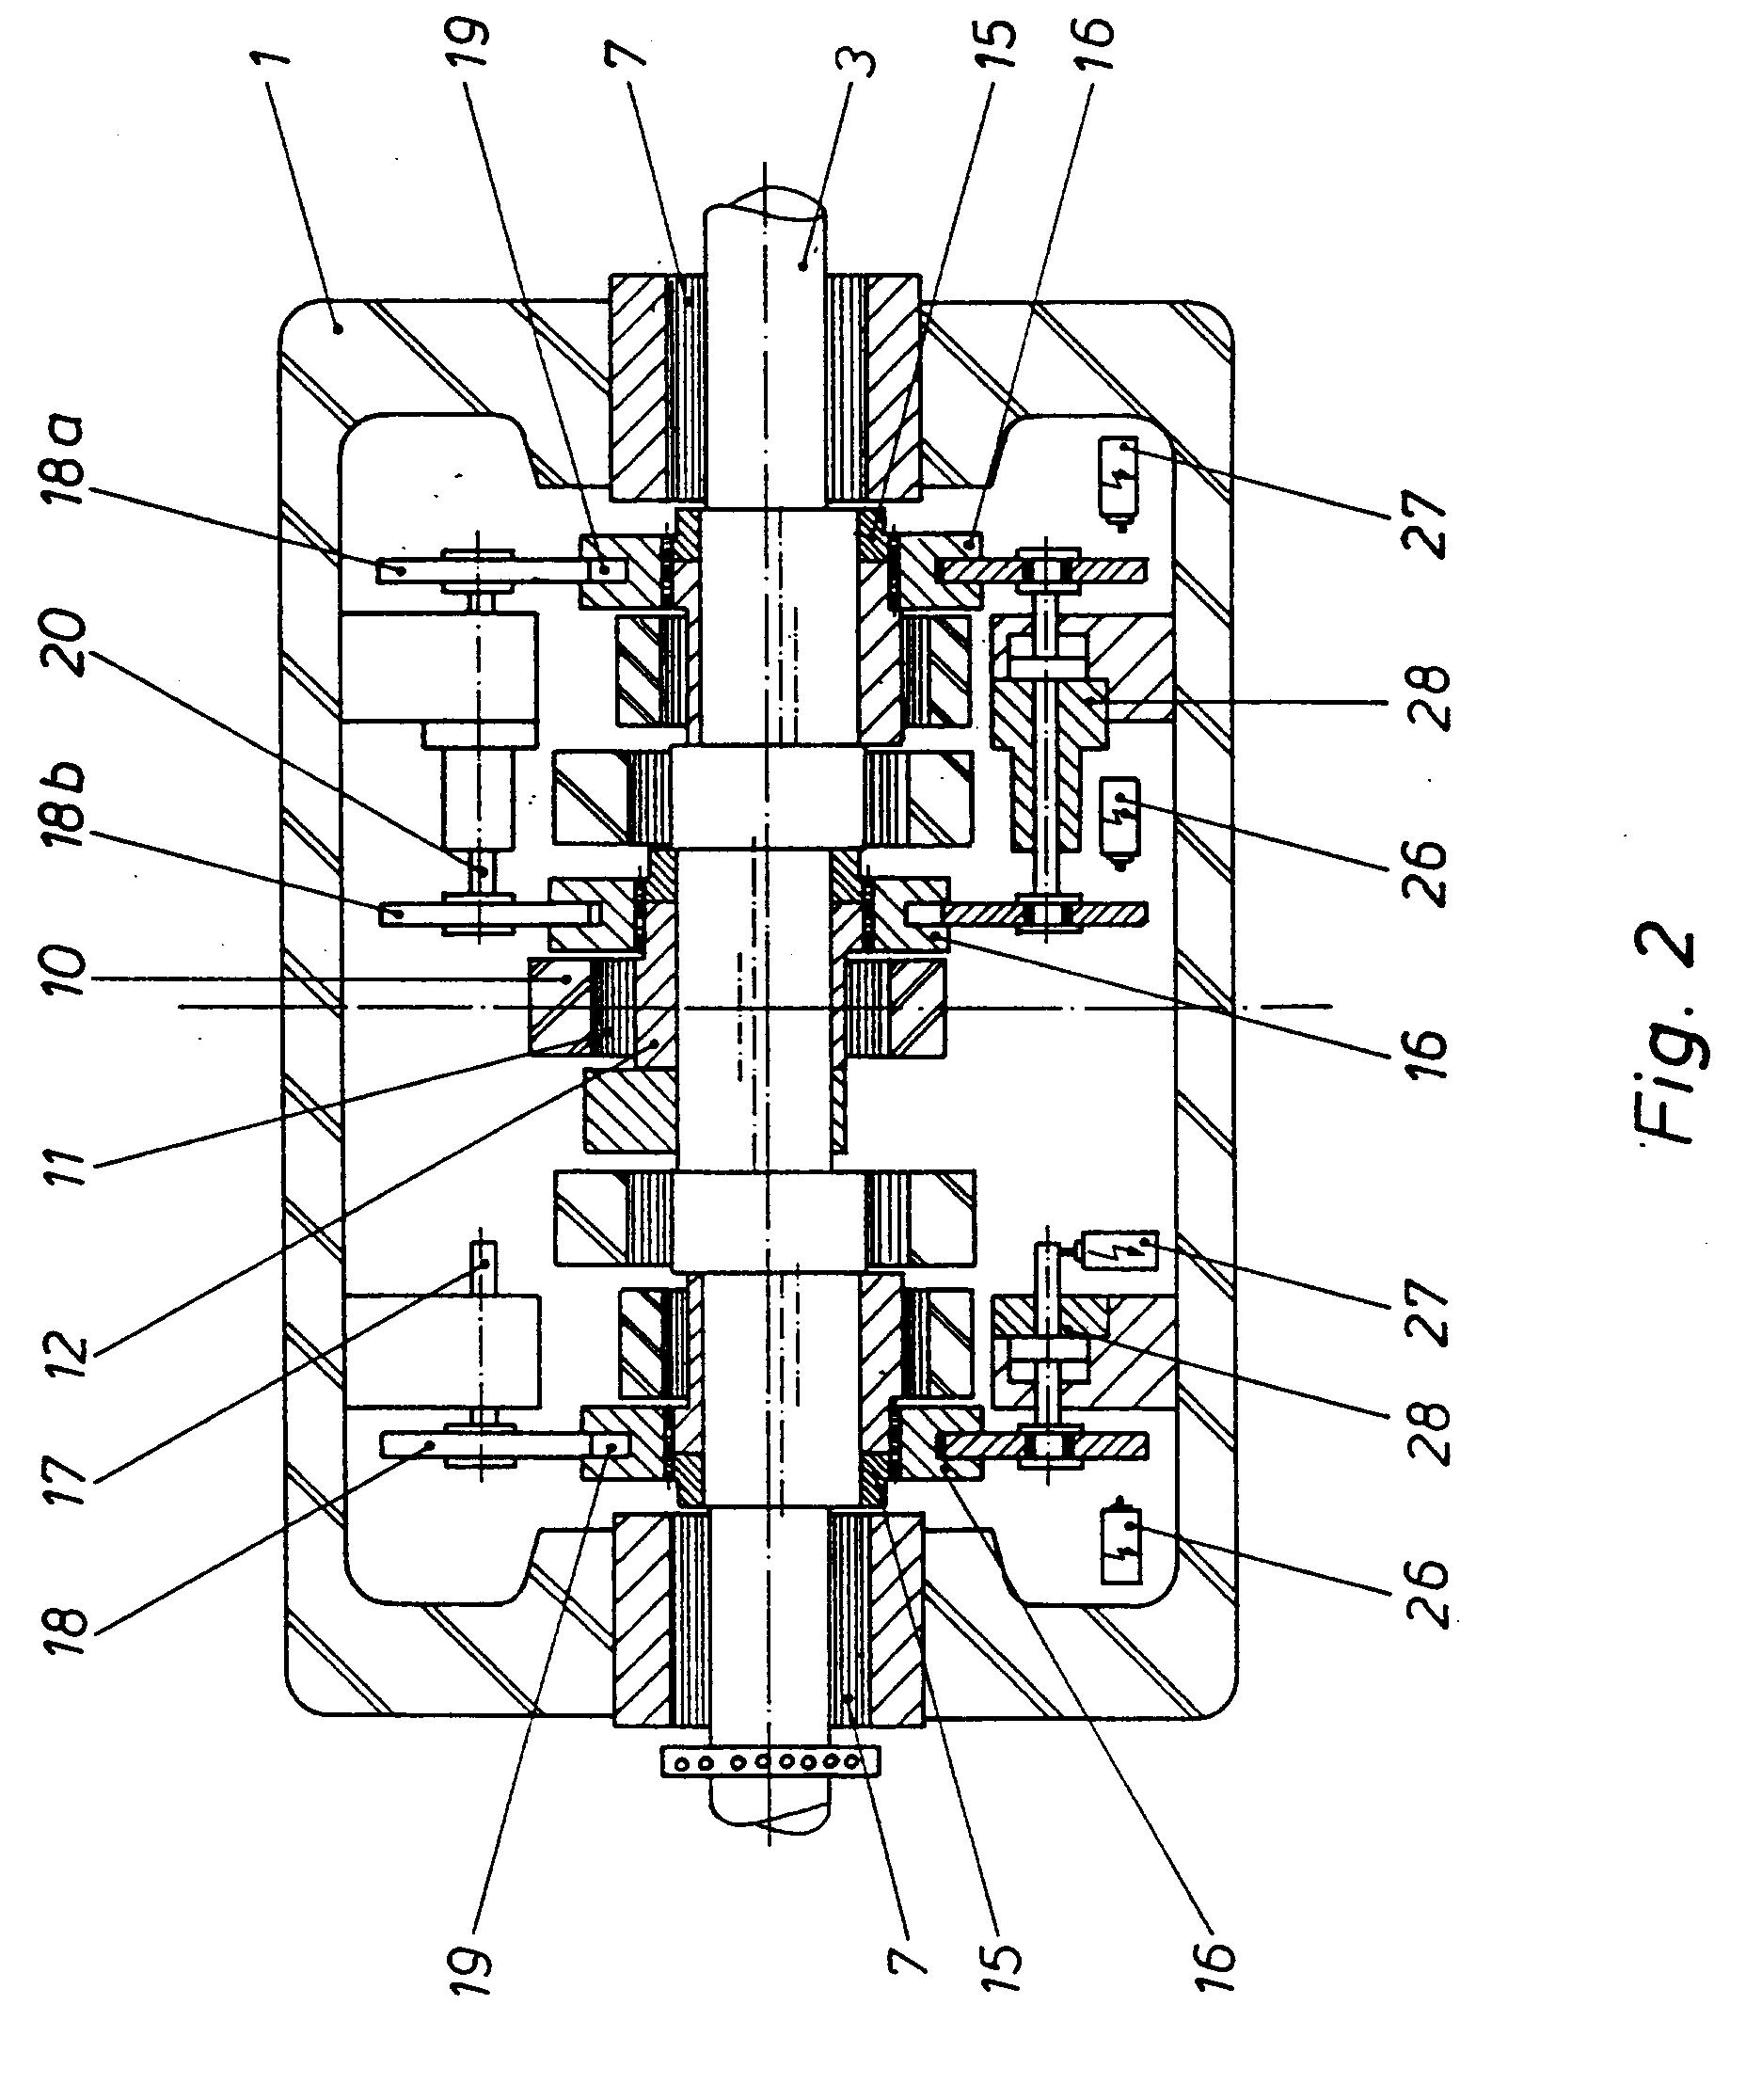 patent ep0551919a1 synchron verstellbarer dynamischer massenausgleich an exzenterpressen oder. Black Bedroom Furniture Sets. Home Design Ideas